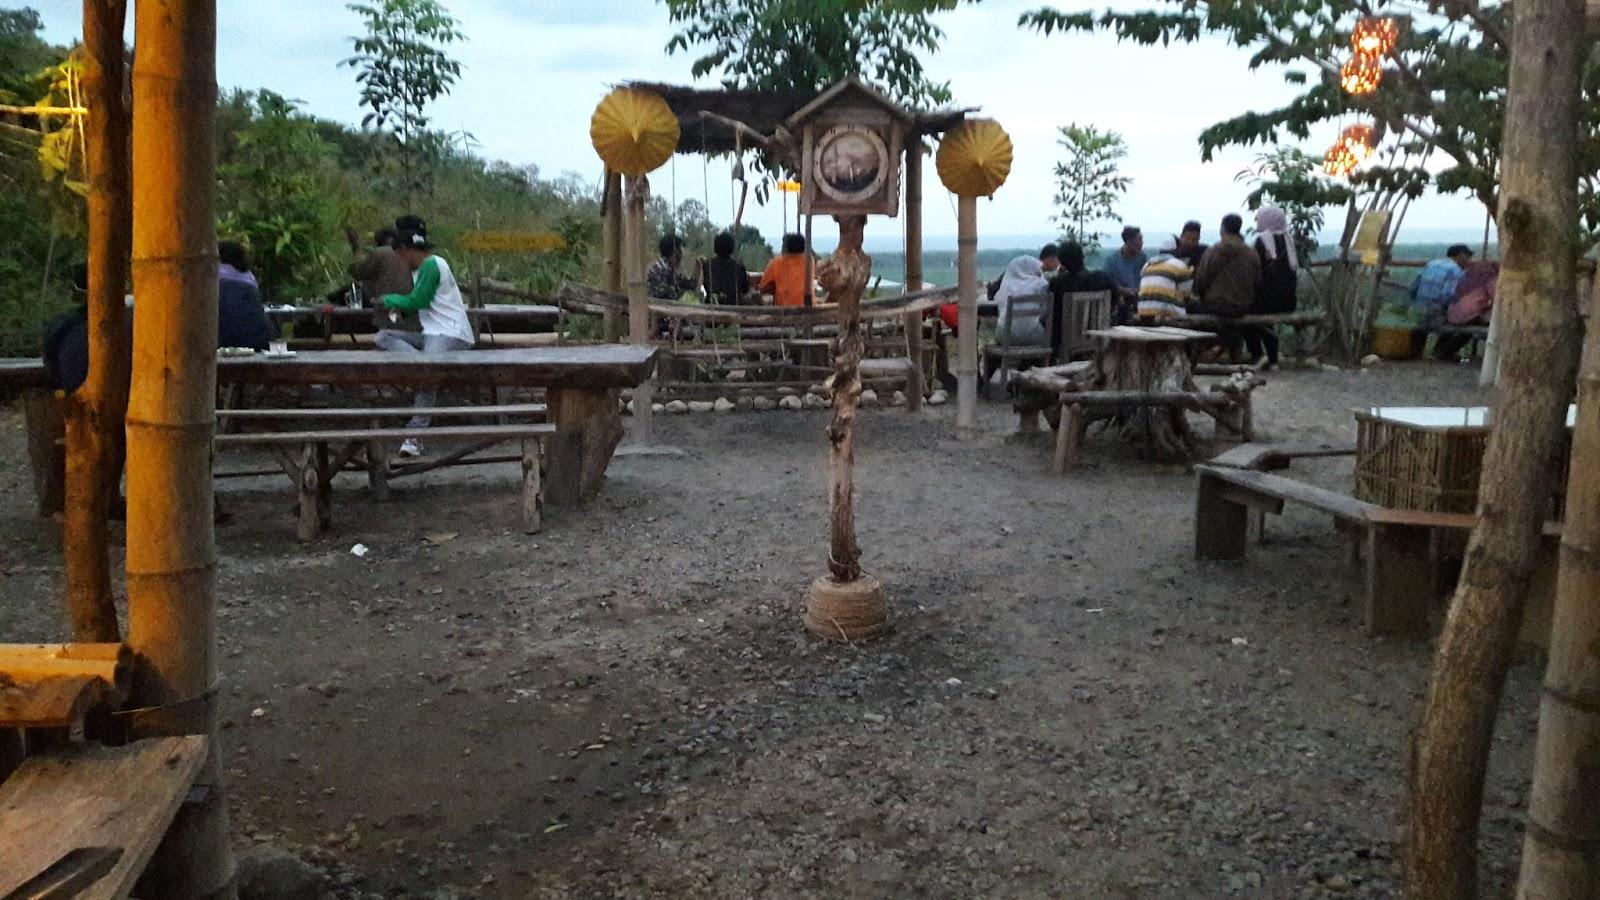 Explore Jogja Sruputan Mantap Watu Lumbung Phamunkas Blog Tata Letak